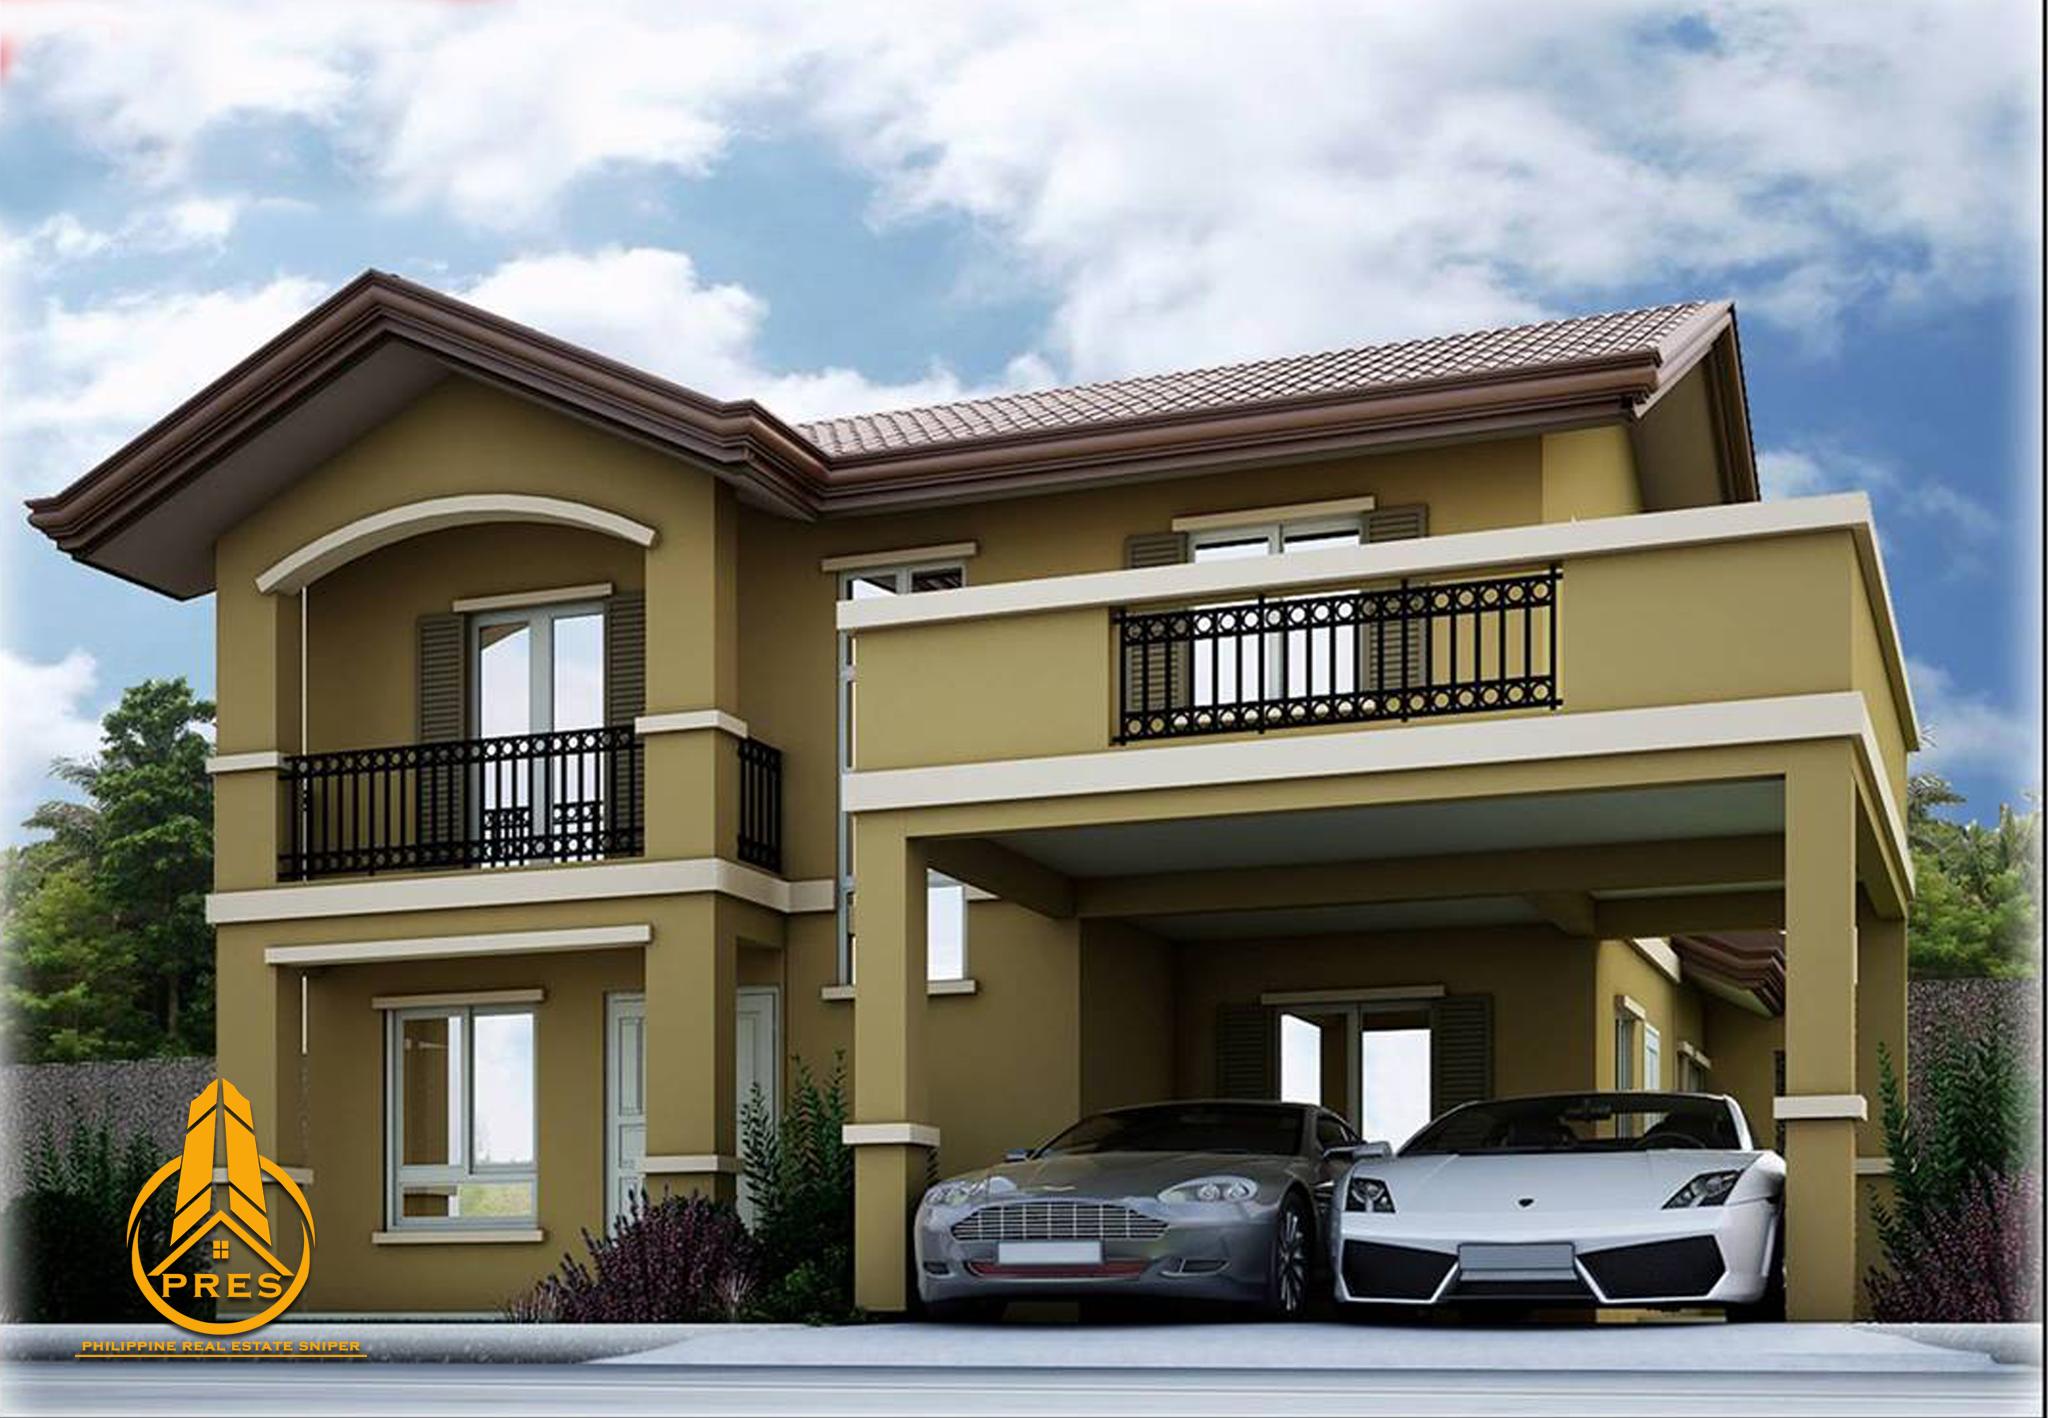 Camella Homes Bacolod Model Houses